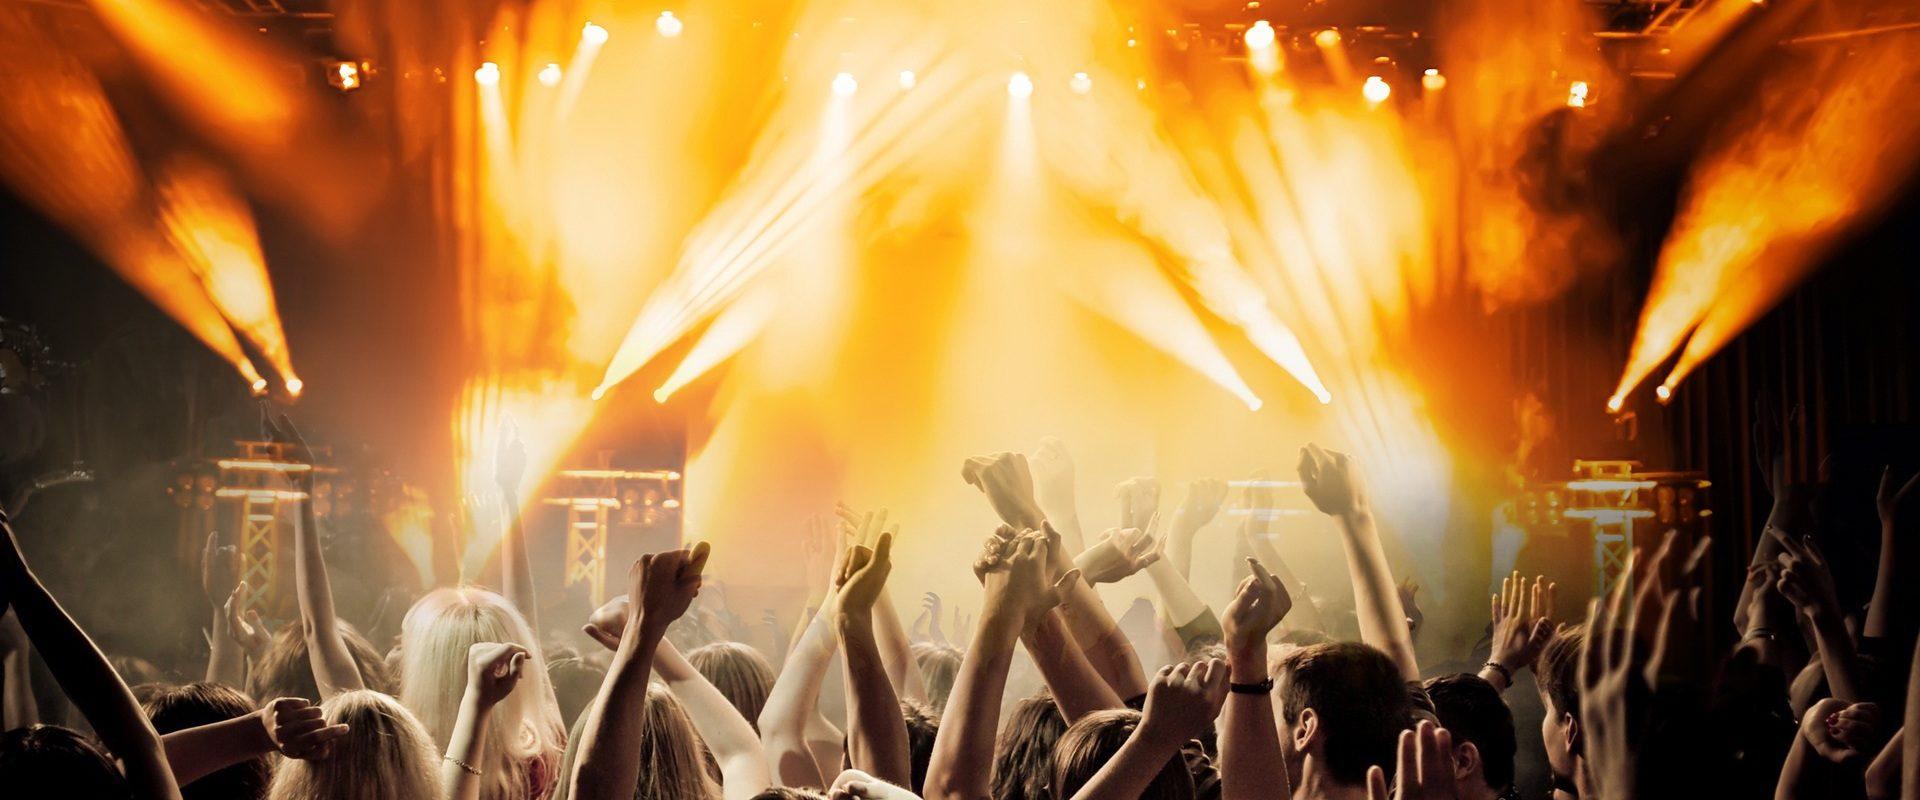 ludzie, zabawa, event, wypożyczalnia, dym